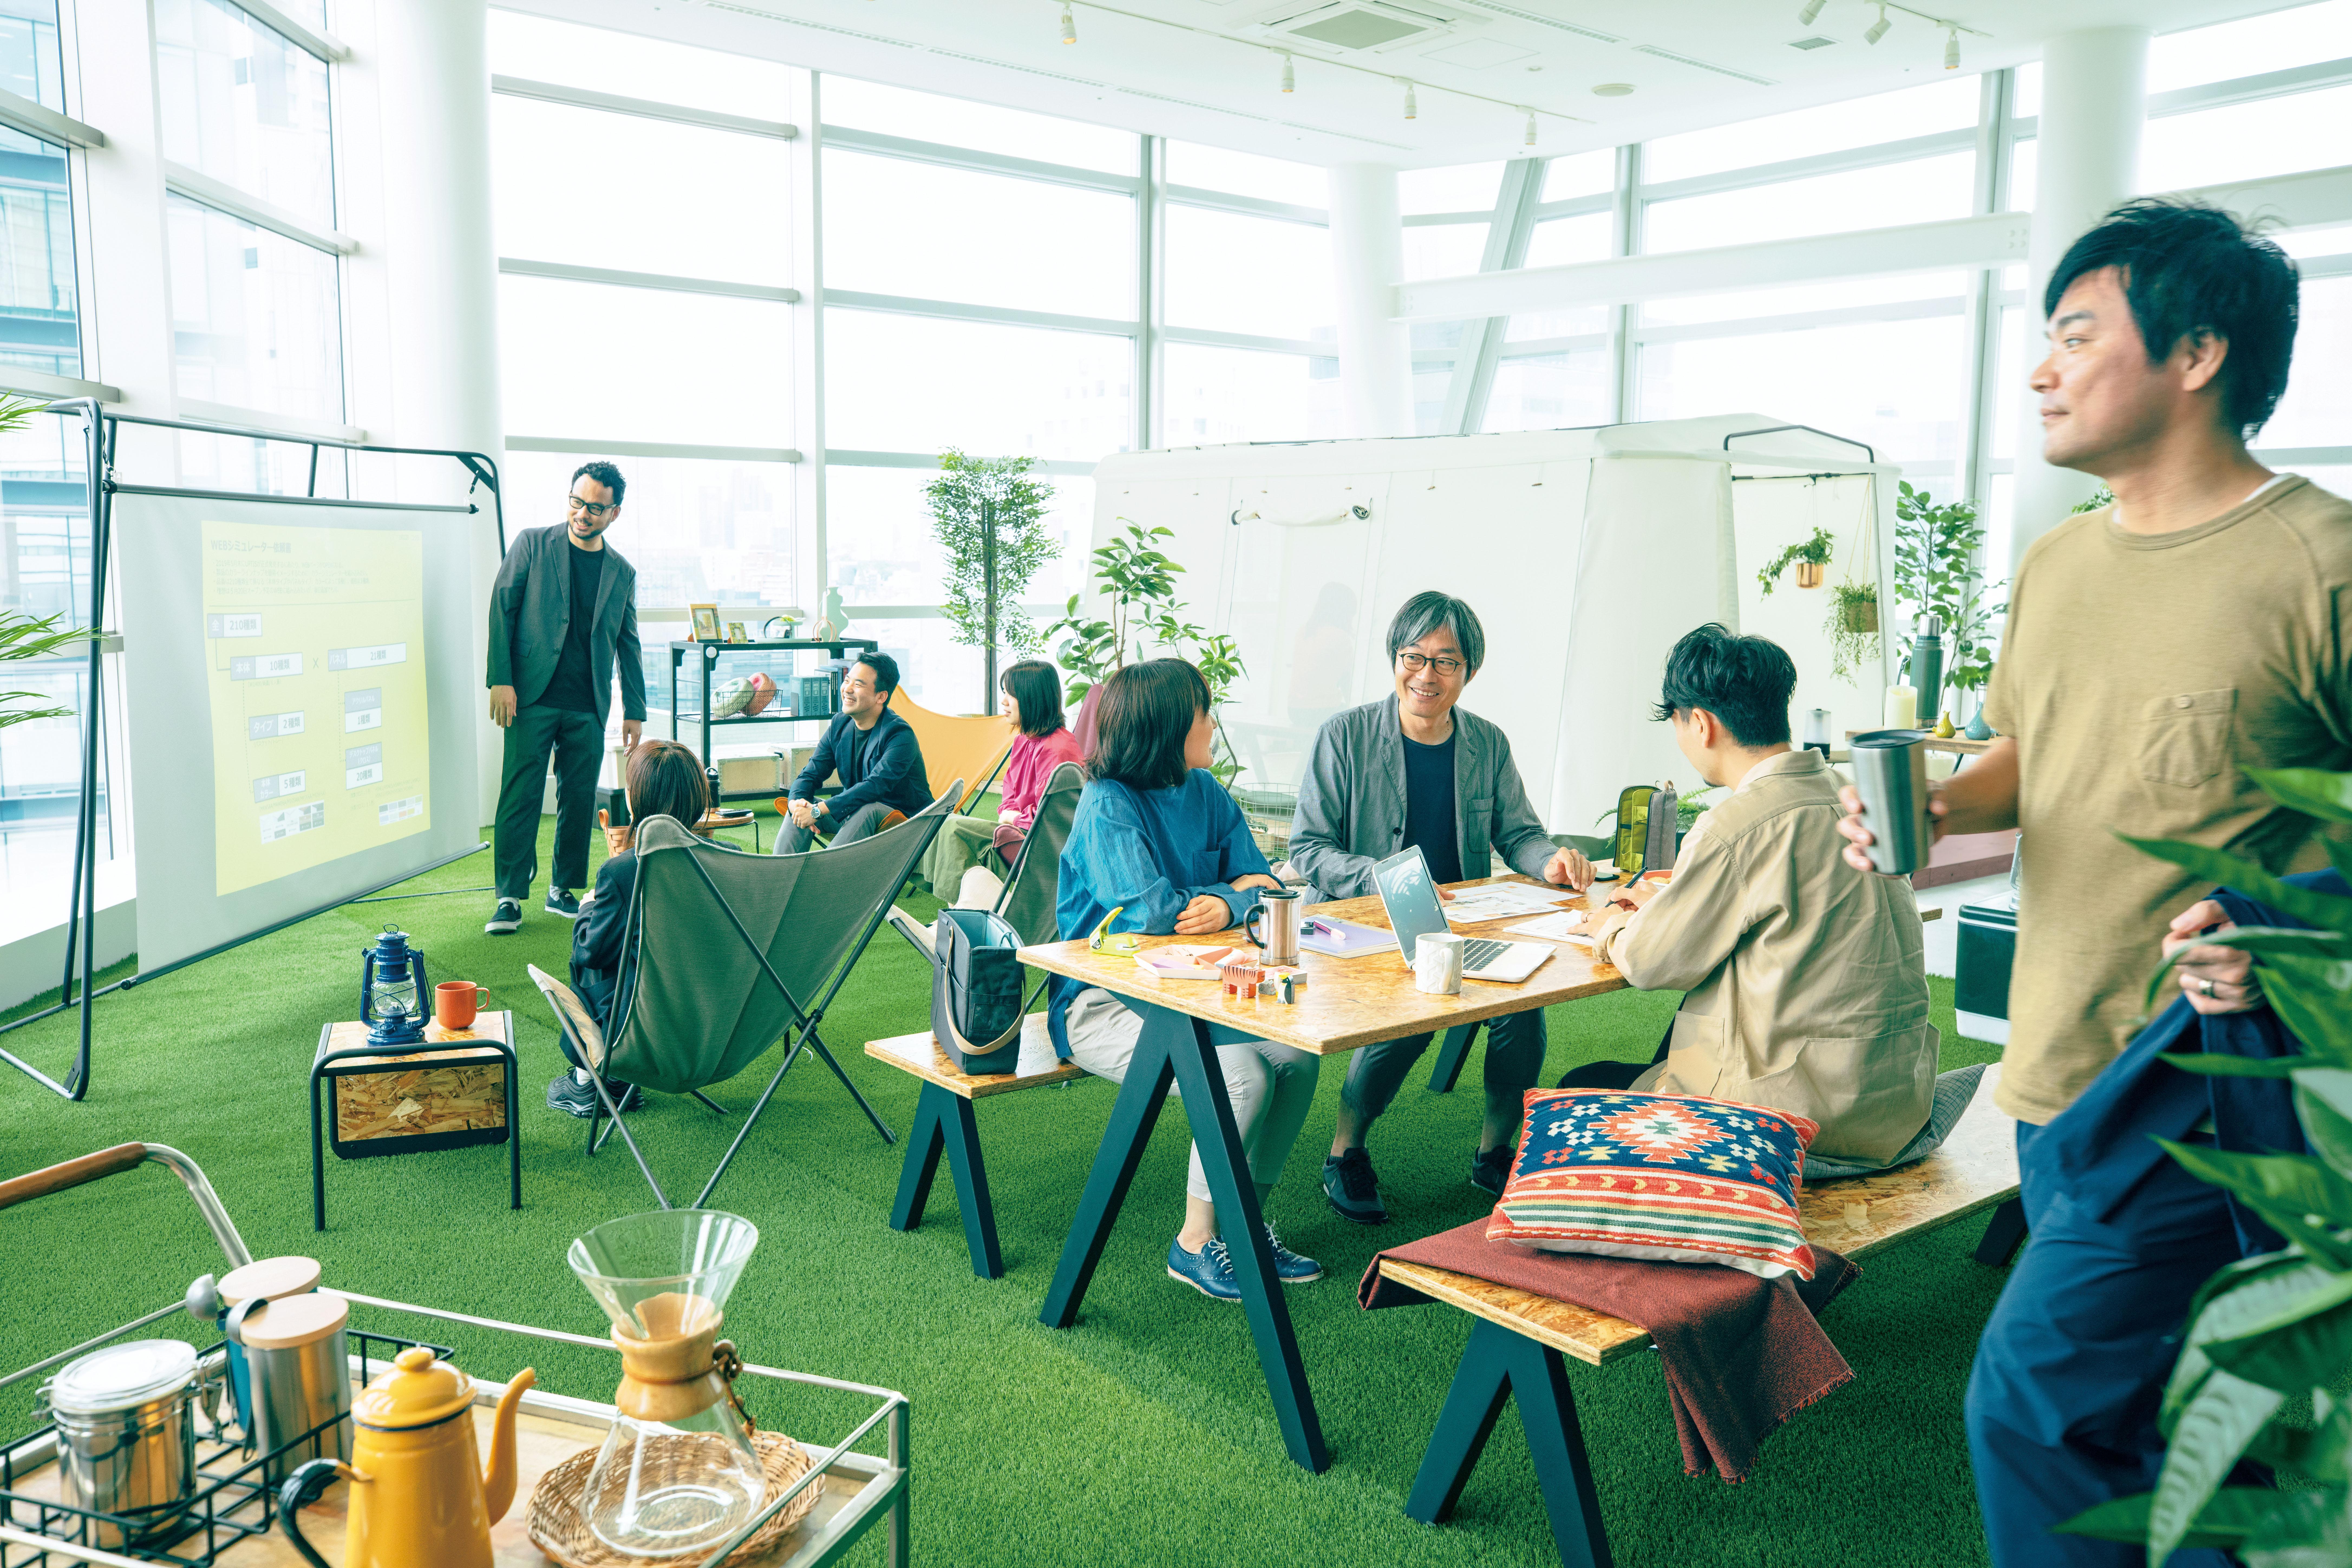 創造性を発揮するリラックスした雰囲気のオフィス